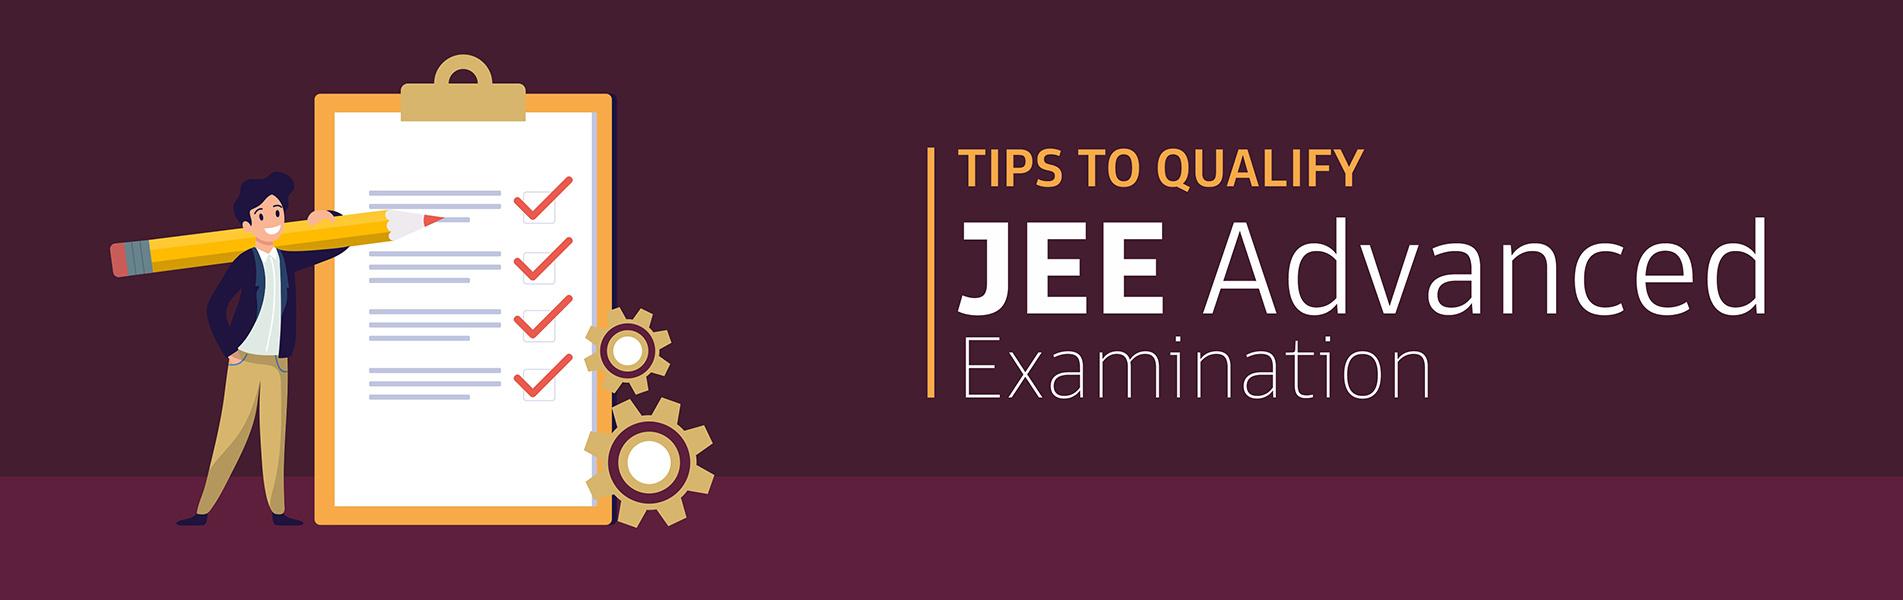 JEE advanced examination